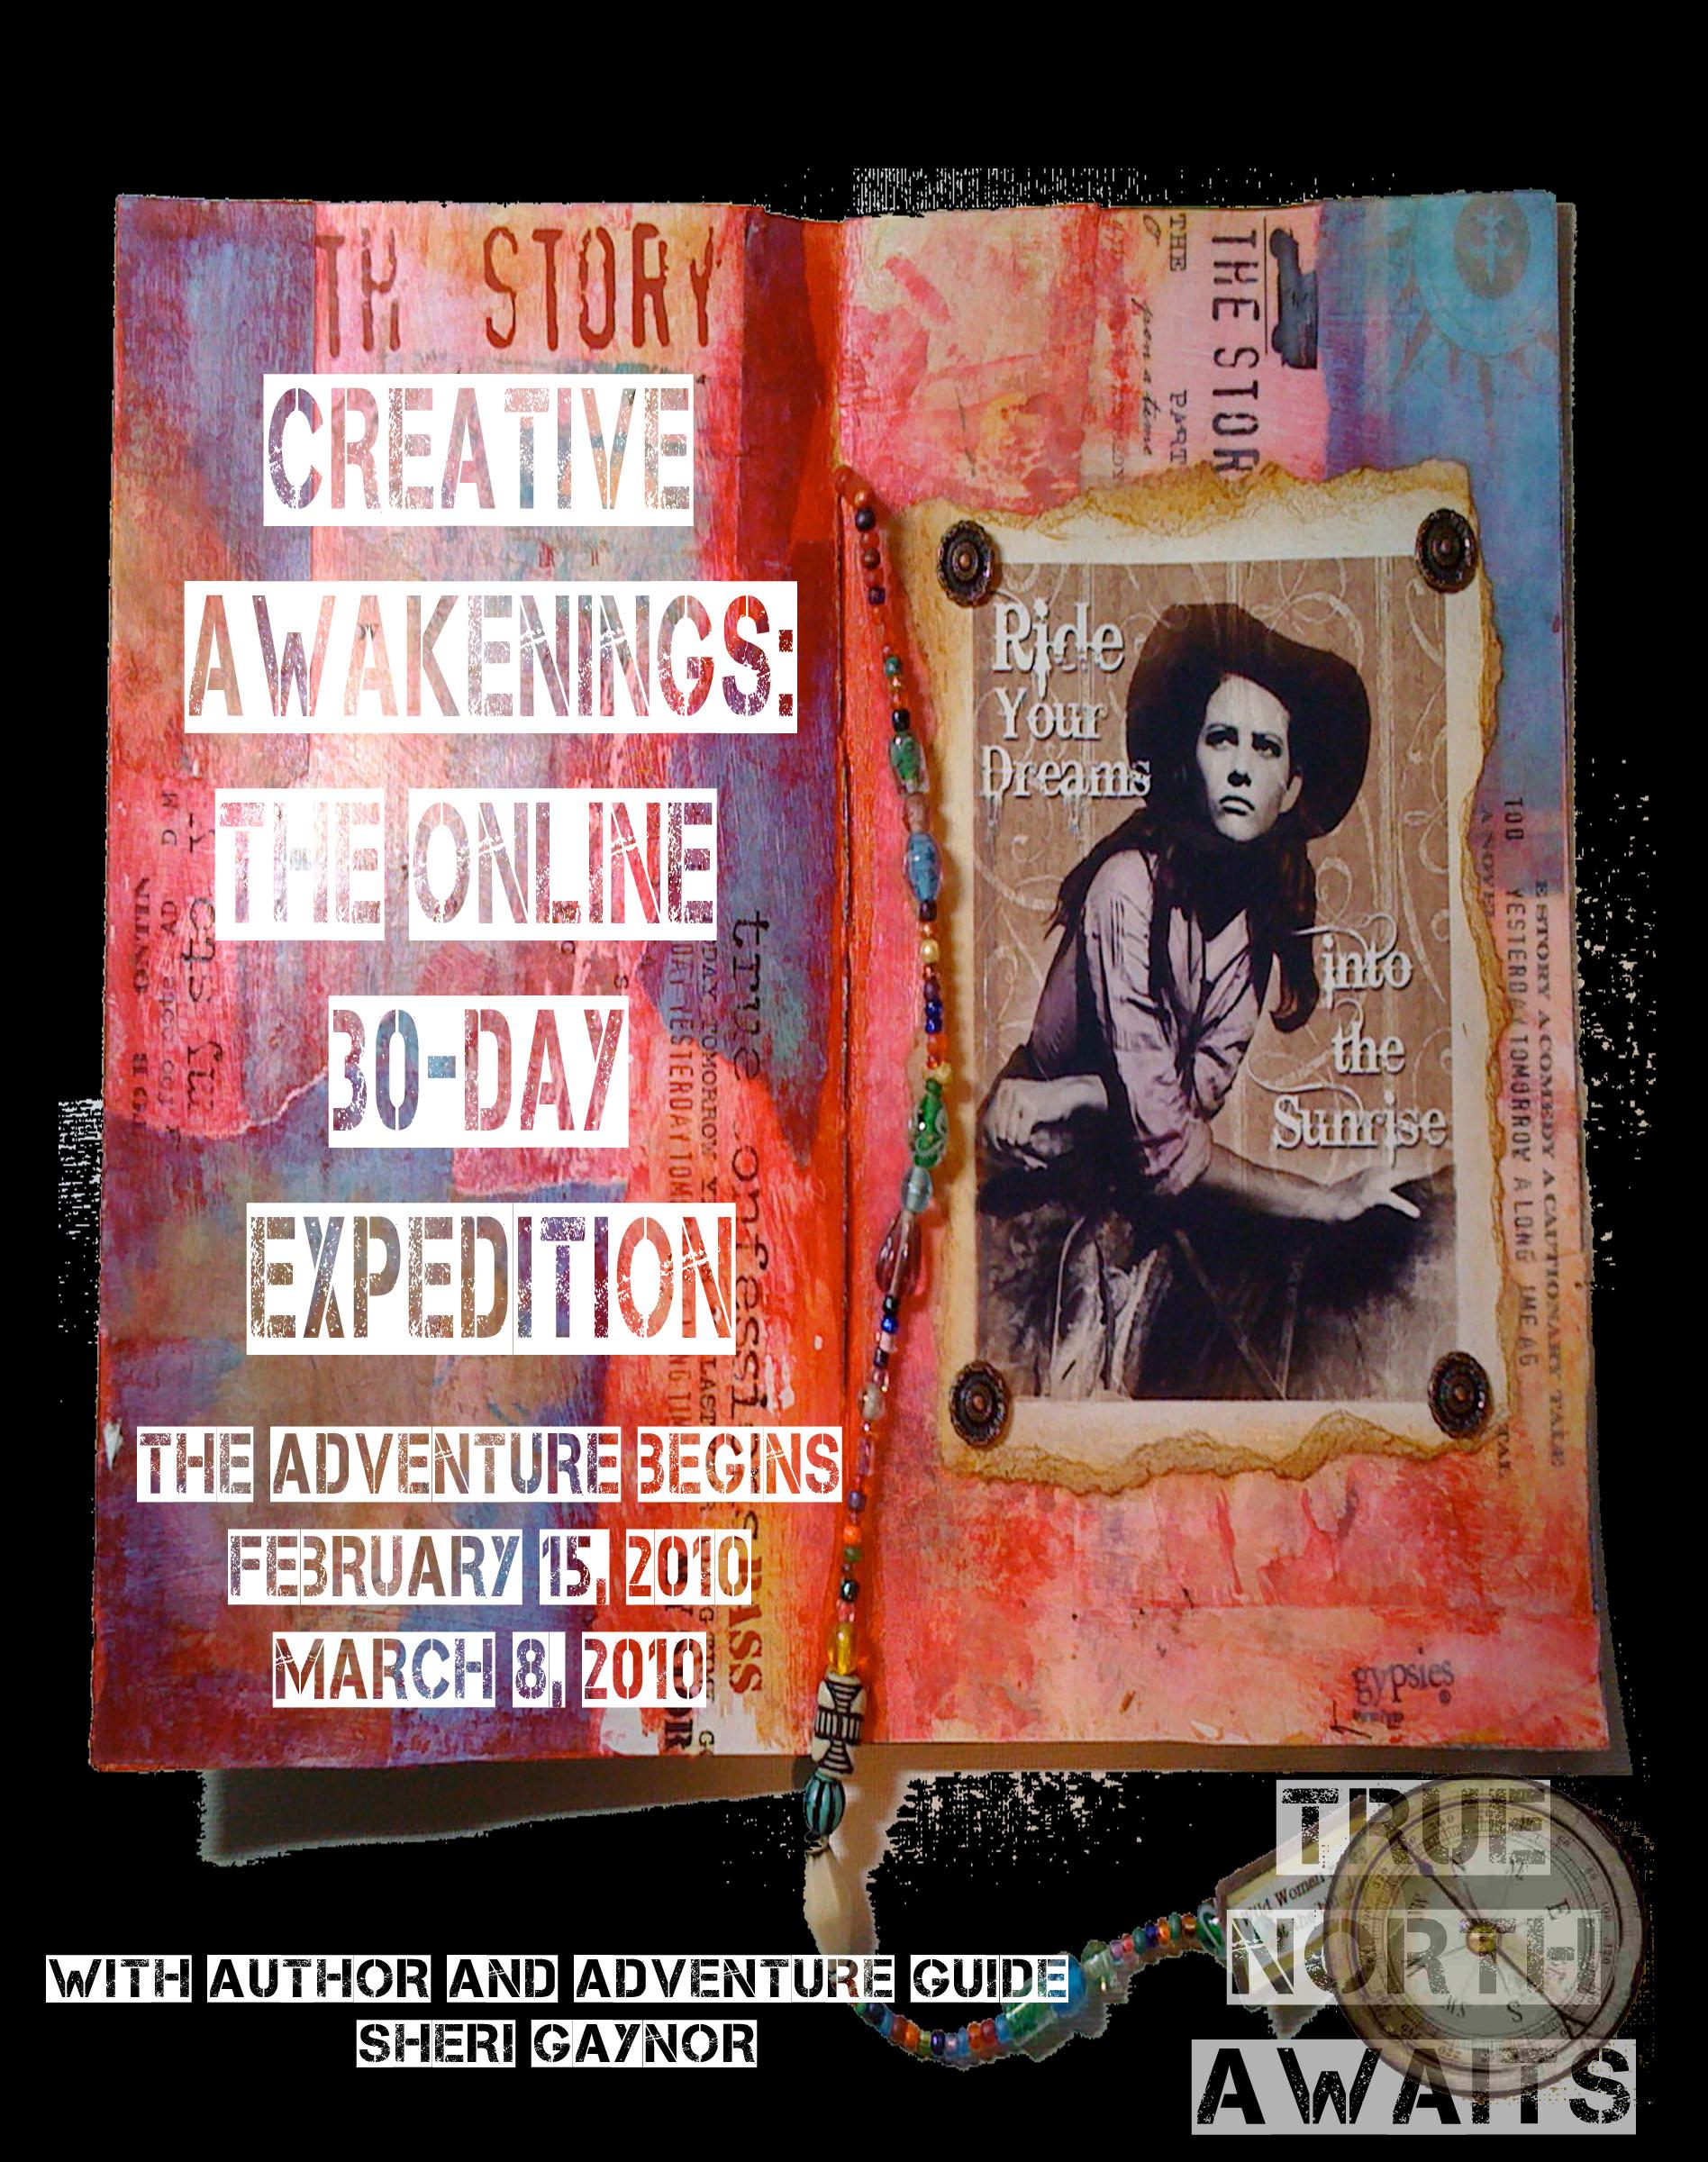 Creative Awakenings Poster True North